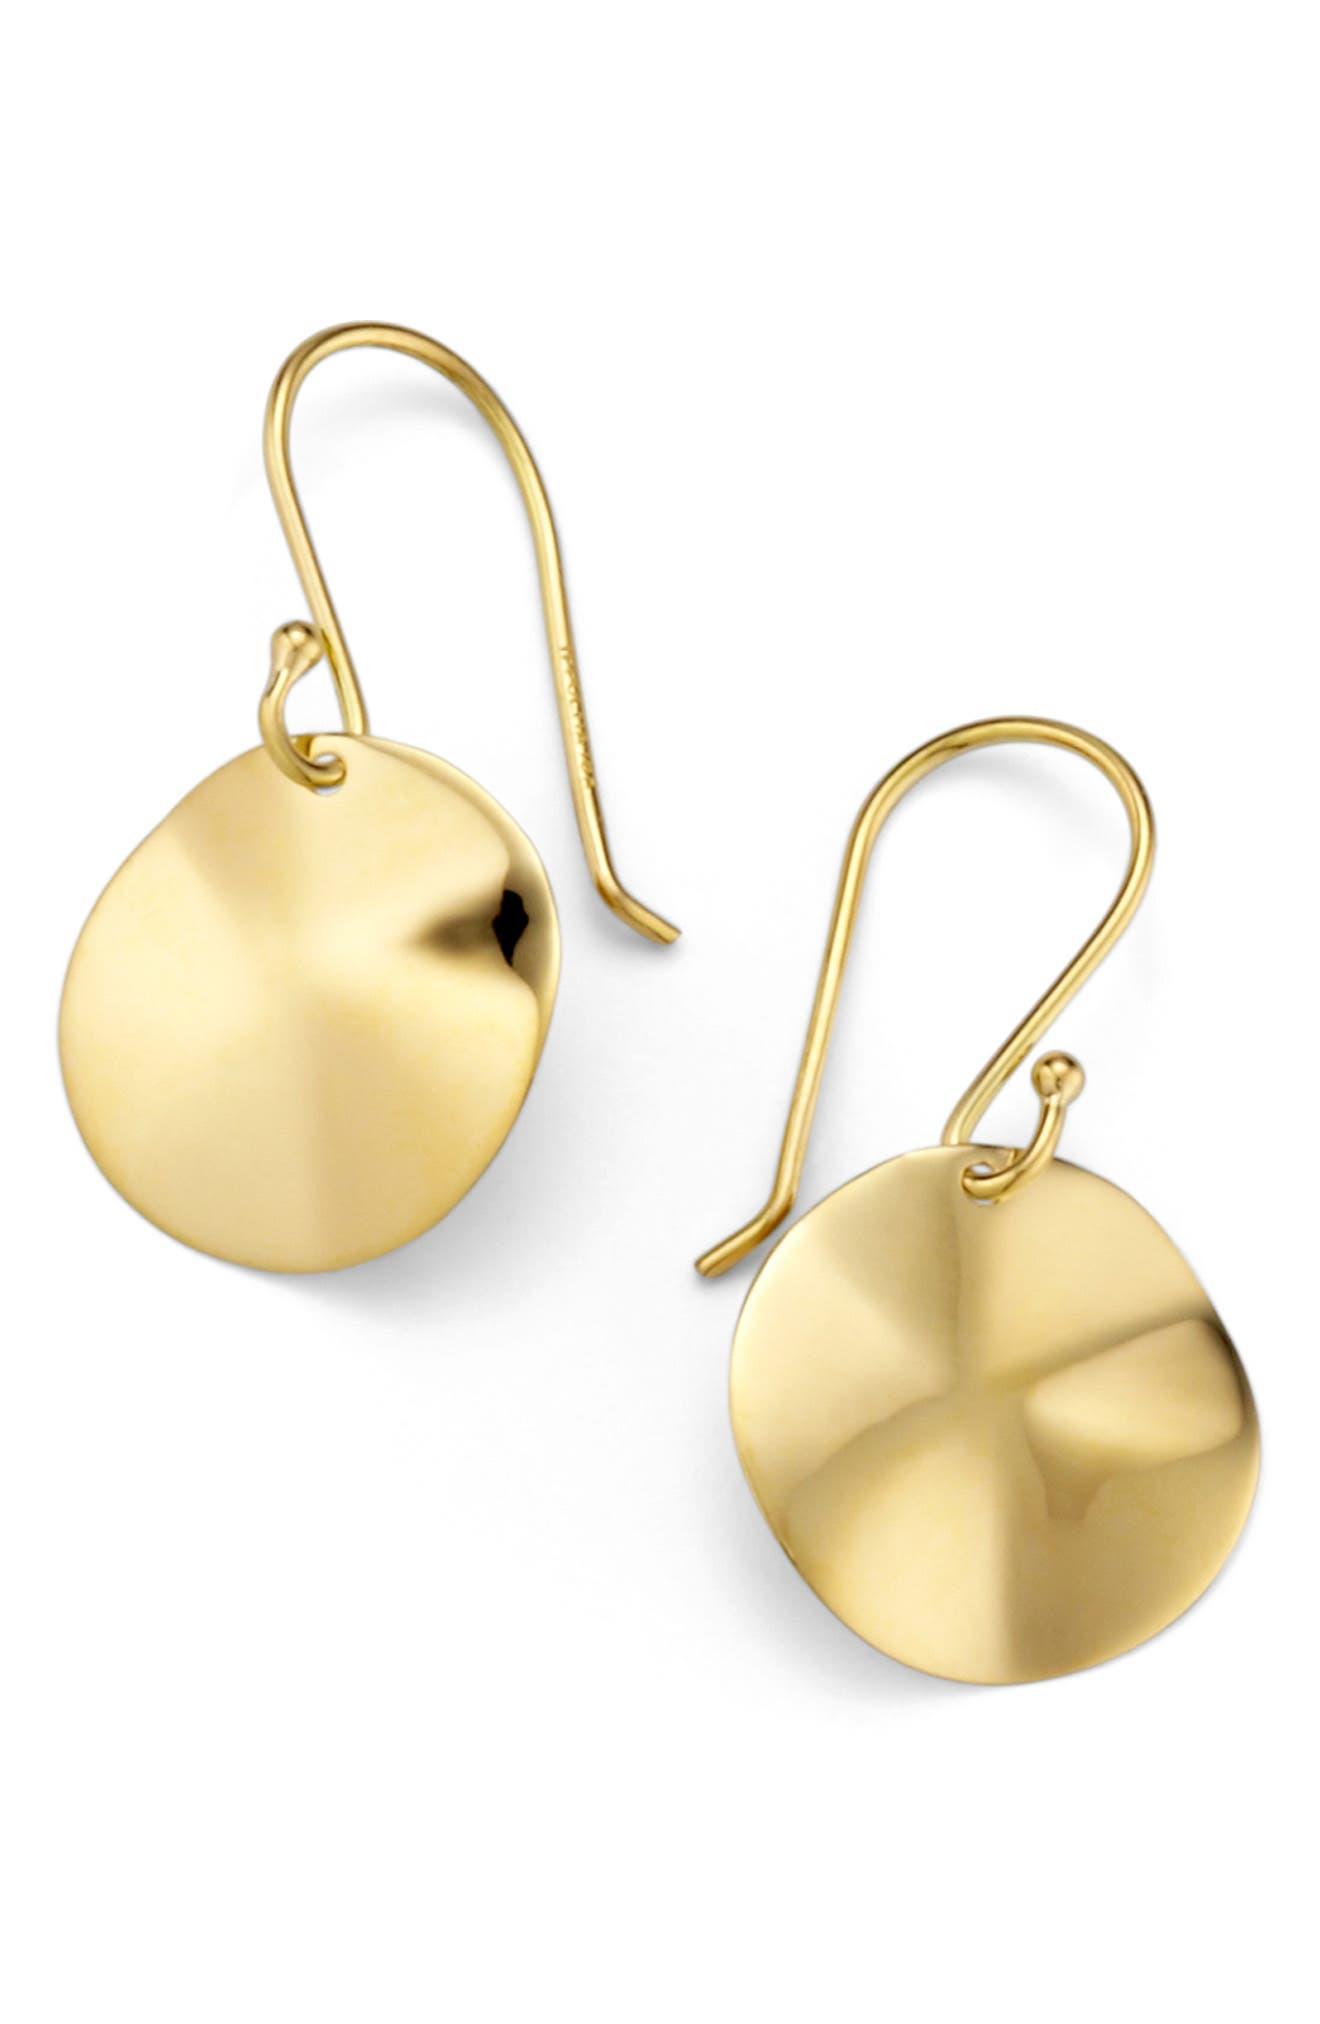 'Plain' Mini Wavy Disc 18k Gold Earrings,                             Main thumbnail 1, color,                             710